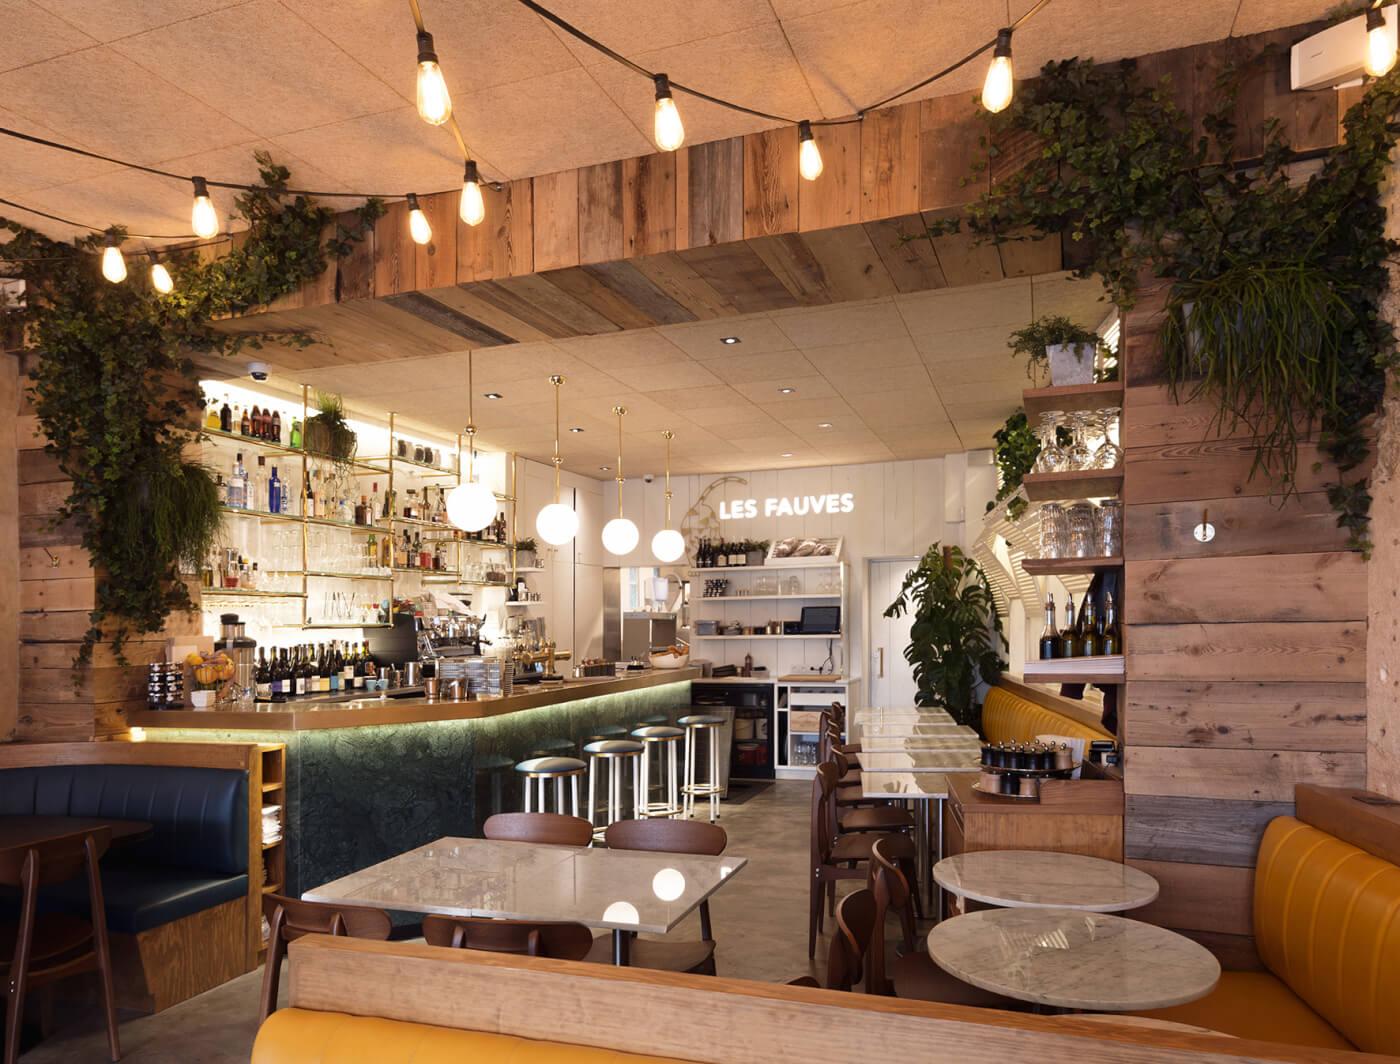 paris-gare-restaurant-terrasse